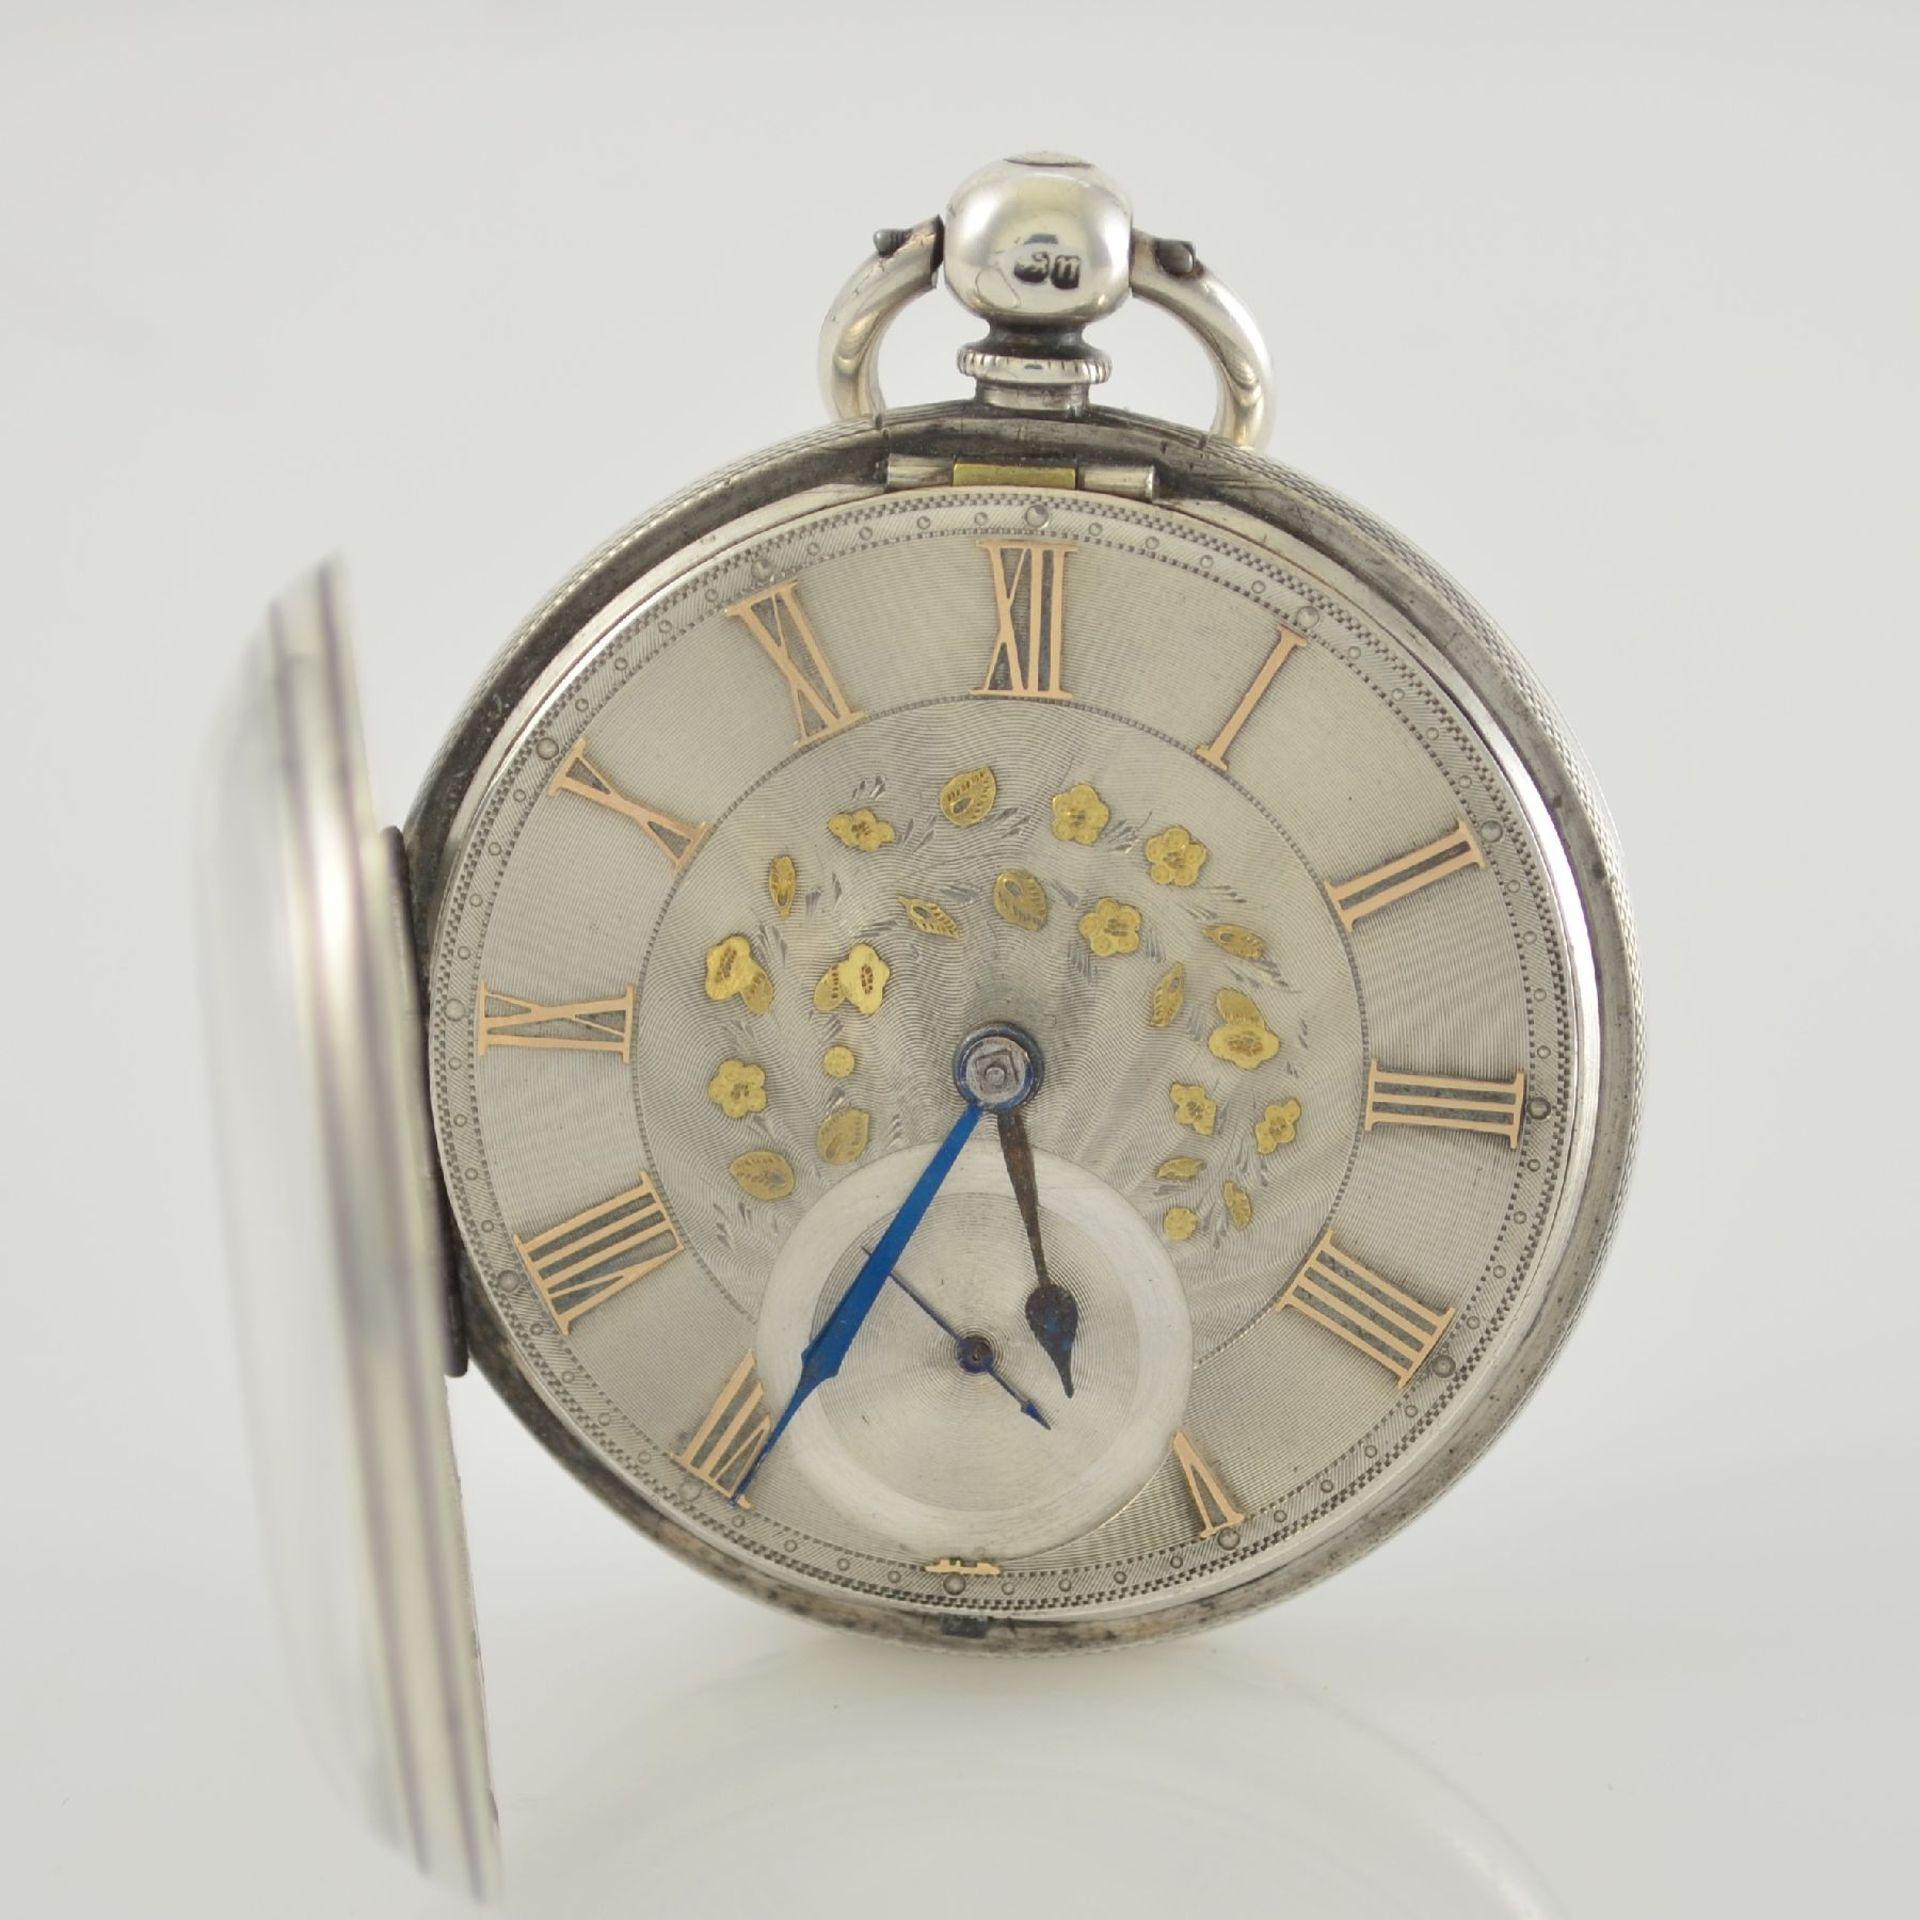 STORY & SEDMAN englische Taschenuhr in Silber, um 1870, 3-teil. Gehäuse innen m. Widmung, - Bild 3 aus 8